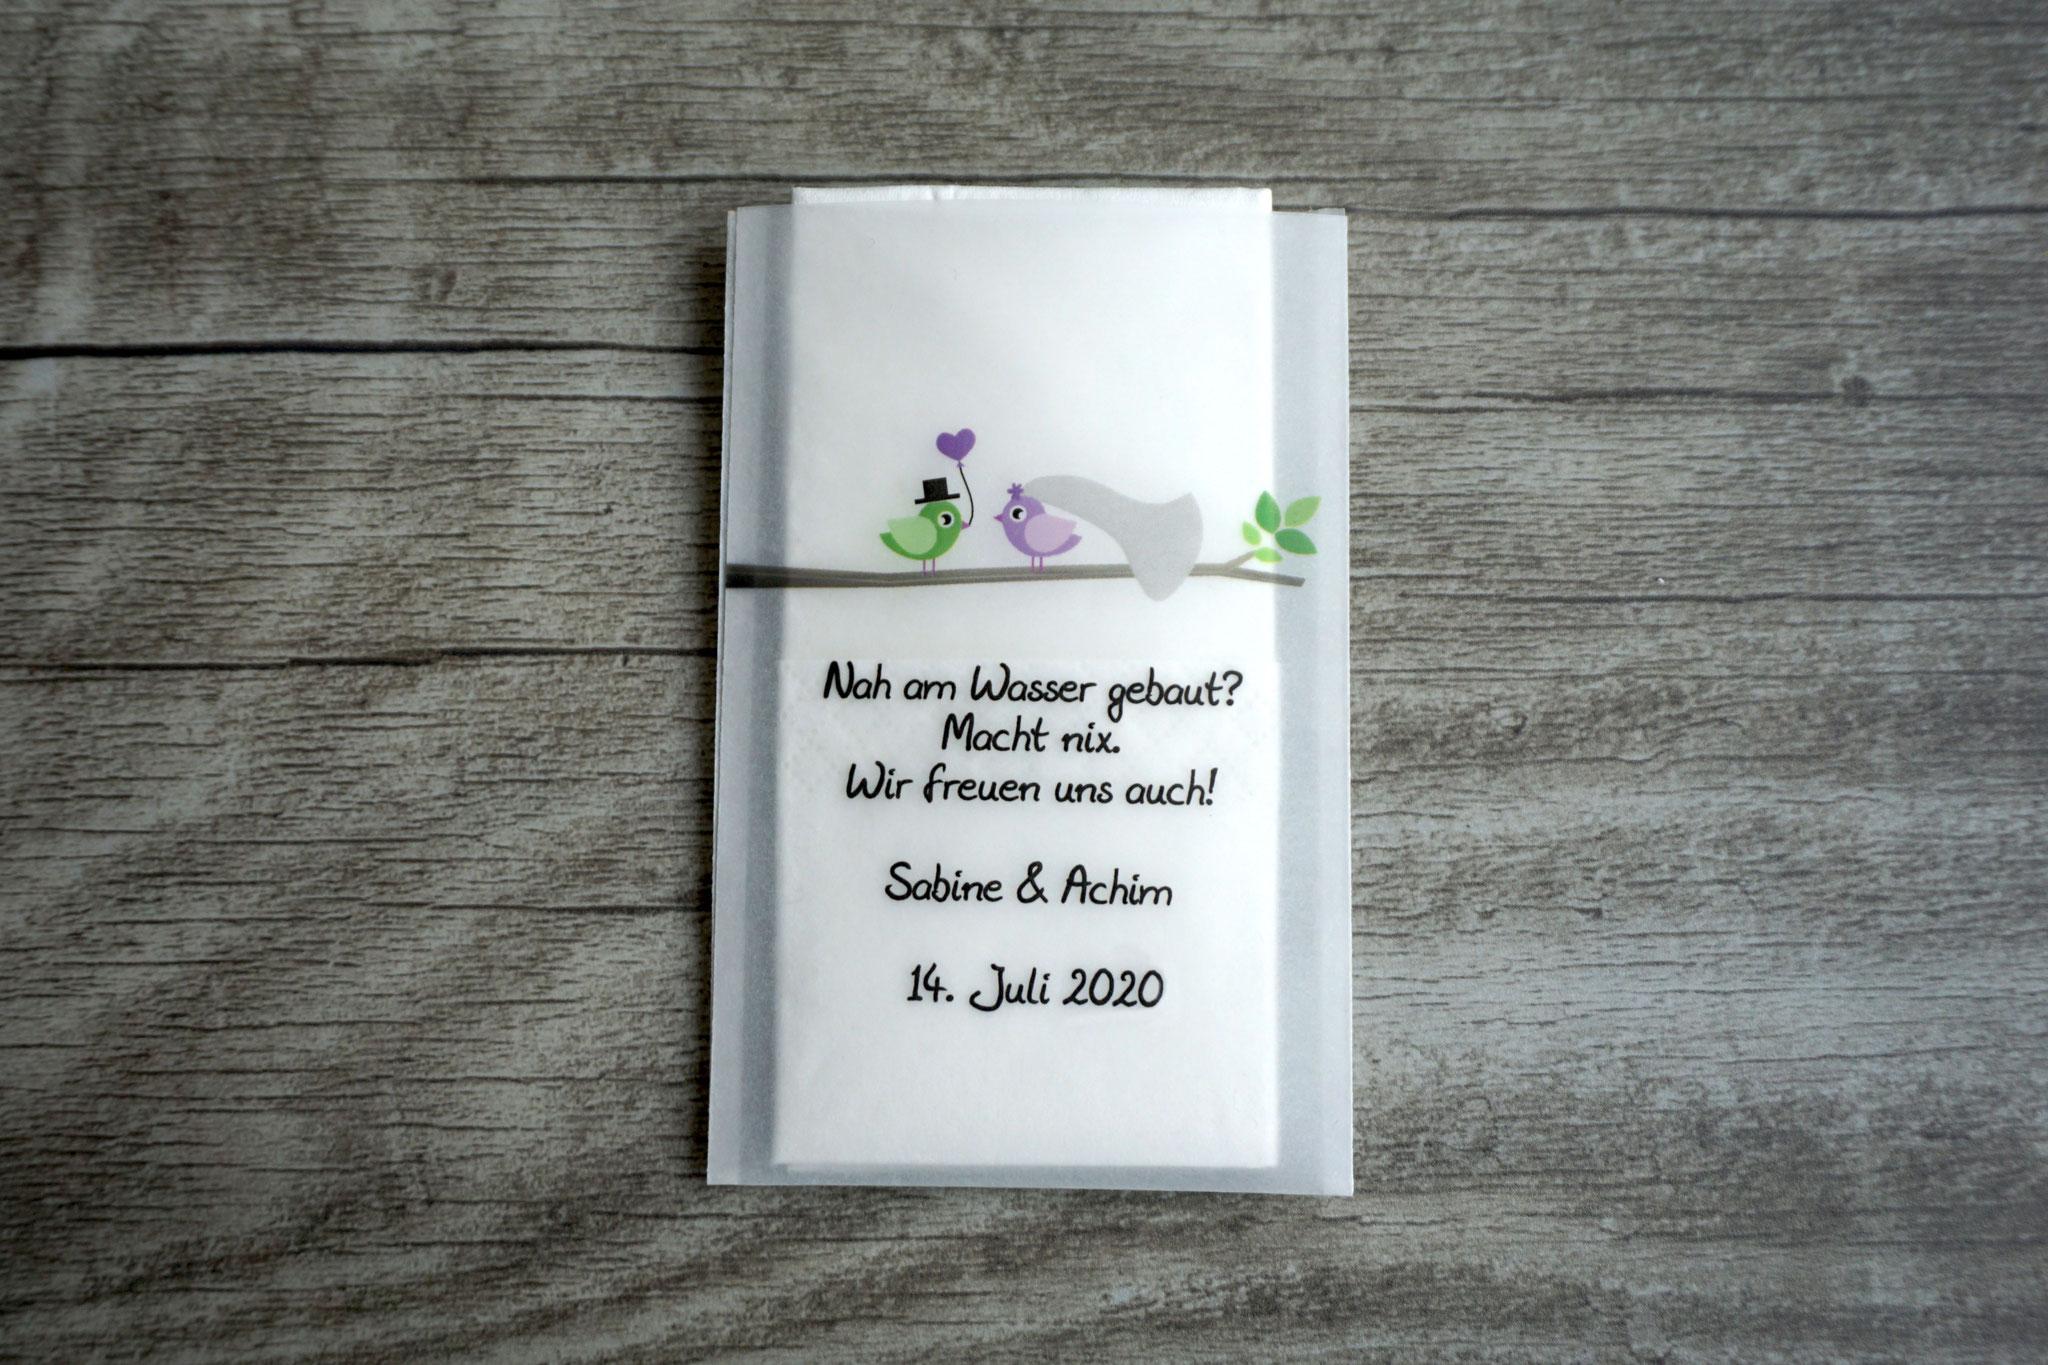 Freudentränen Taschentücher Design Hochzeitsvögel auf Ast, Farbe Flieder/Grün